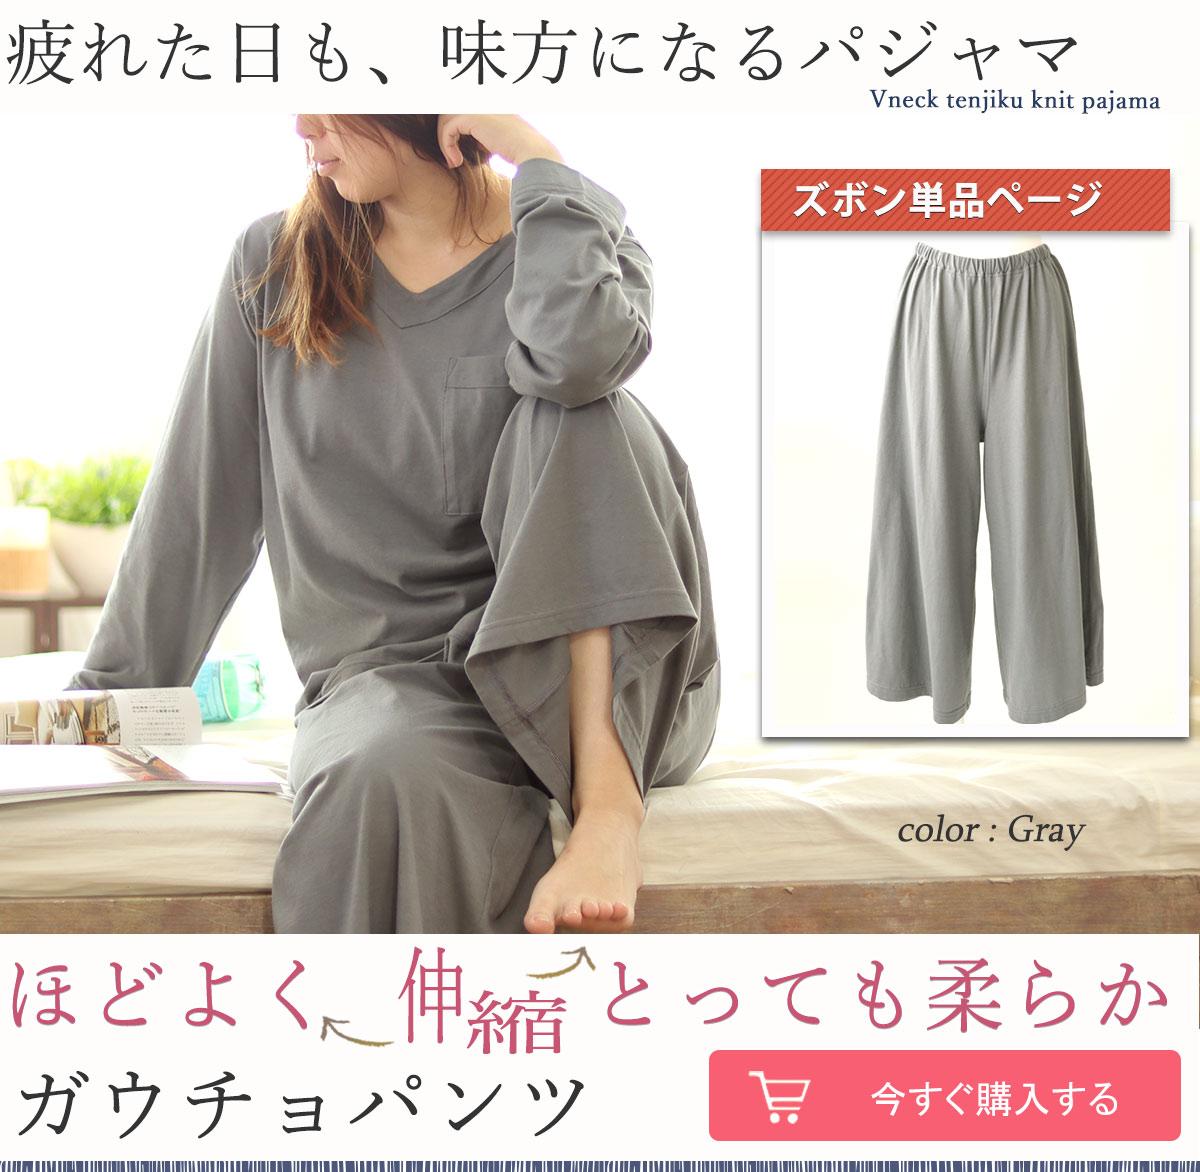 ほどよく伸縮とっても柔らか ストレスフリーなコットンパジャマ天竺ニット100%レディースVネックパジャマ